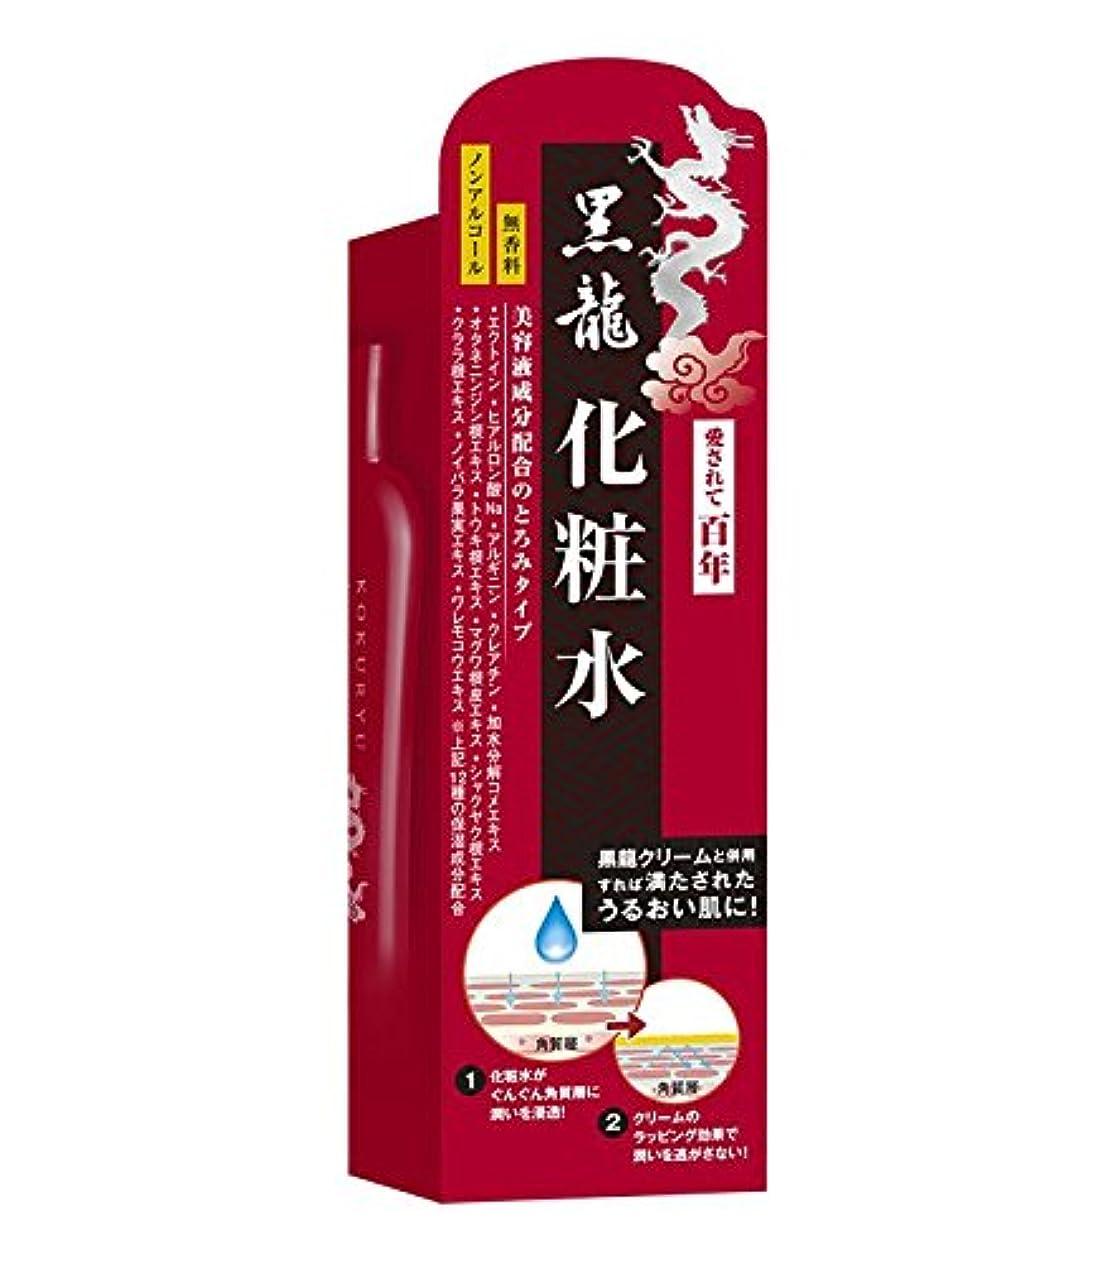 黒龍 化粧水 150ml